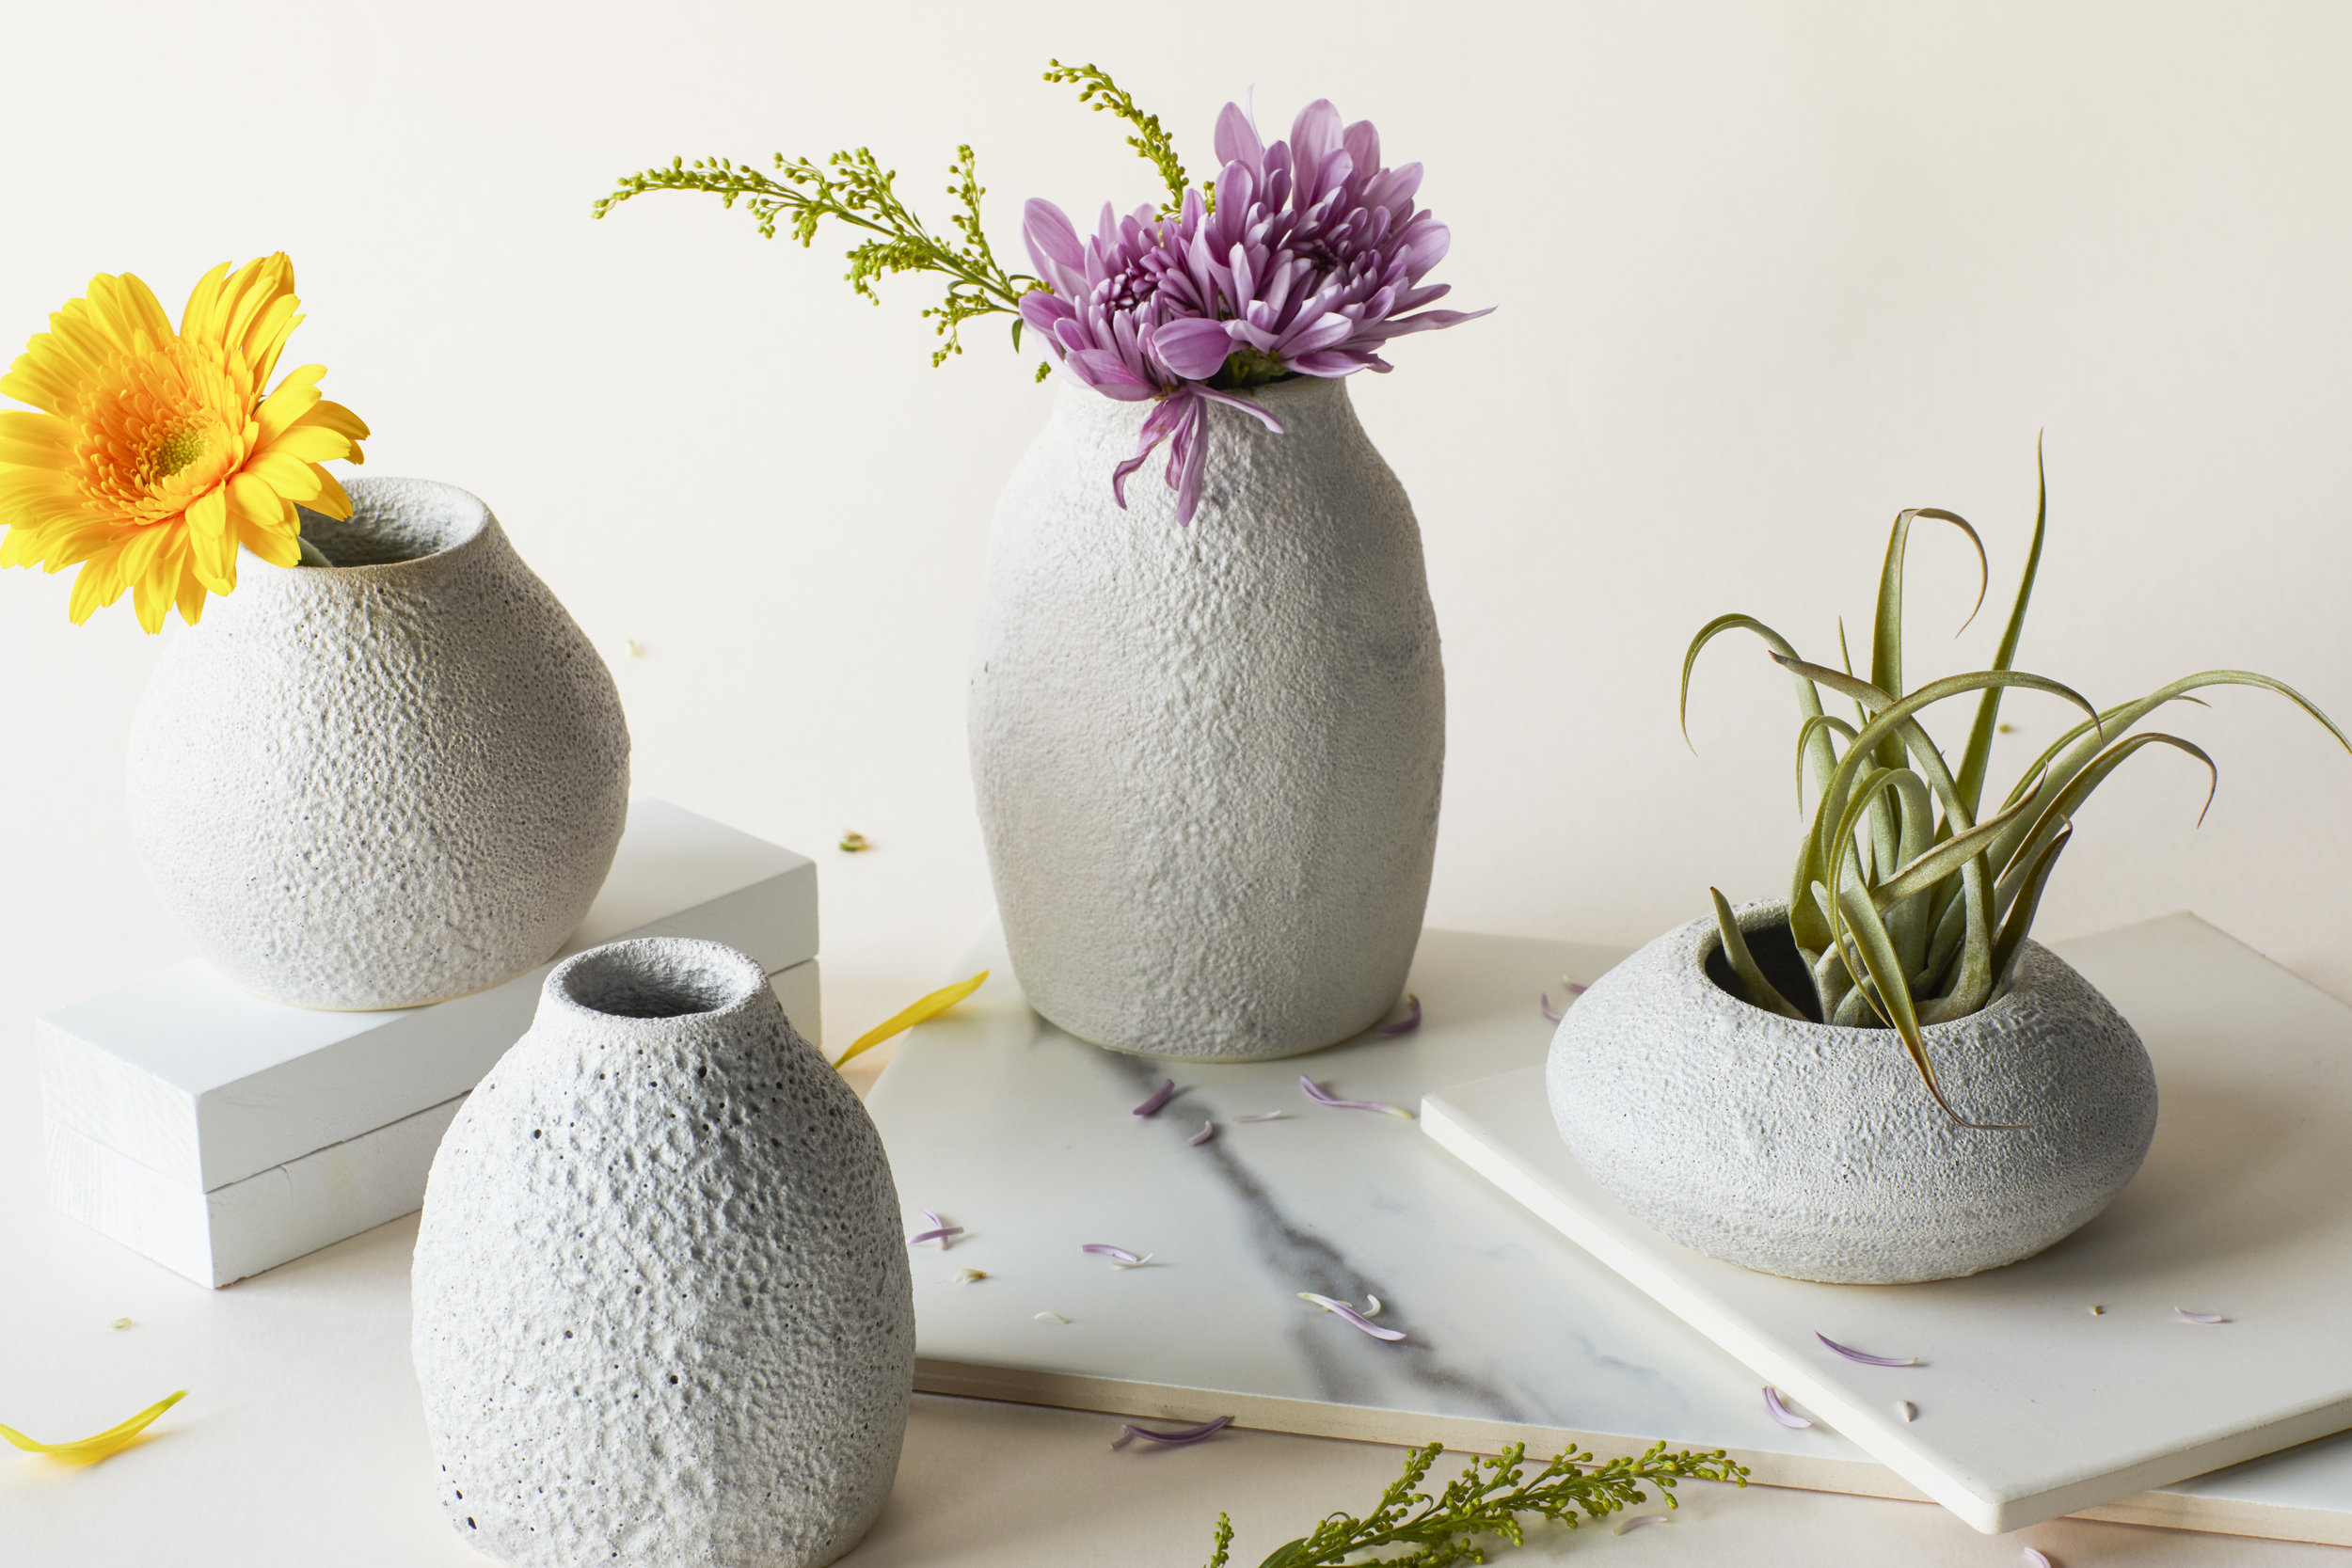 Ceramics11424.jpg